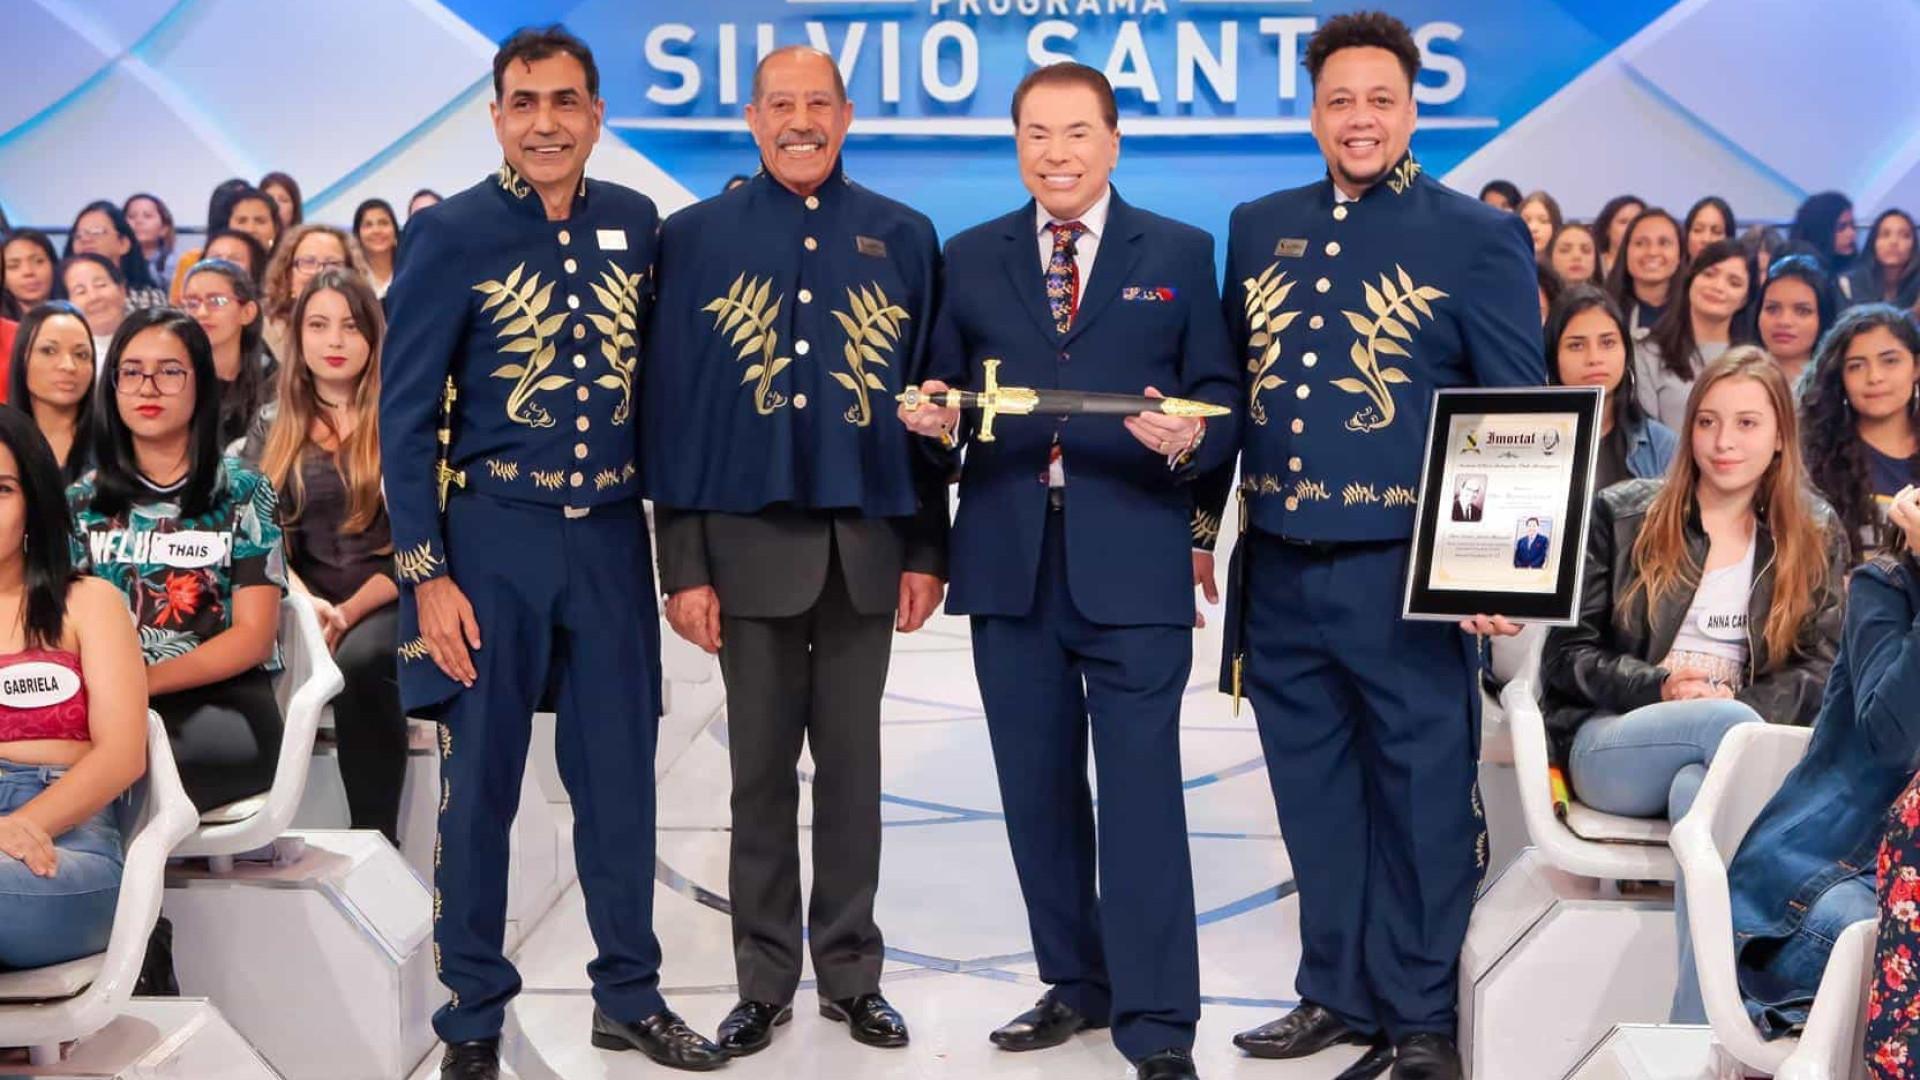 Silvio Santos recebe título de Imortal da Academia William Shakespeare